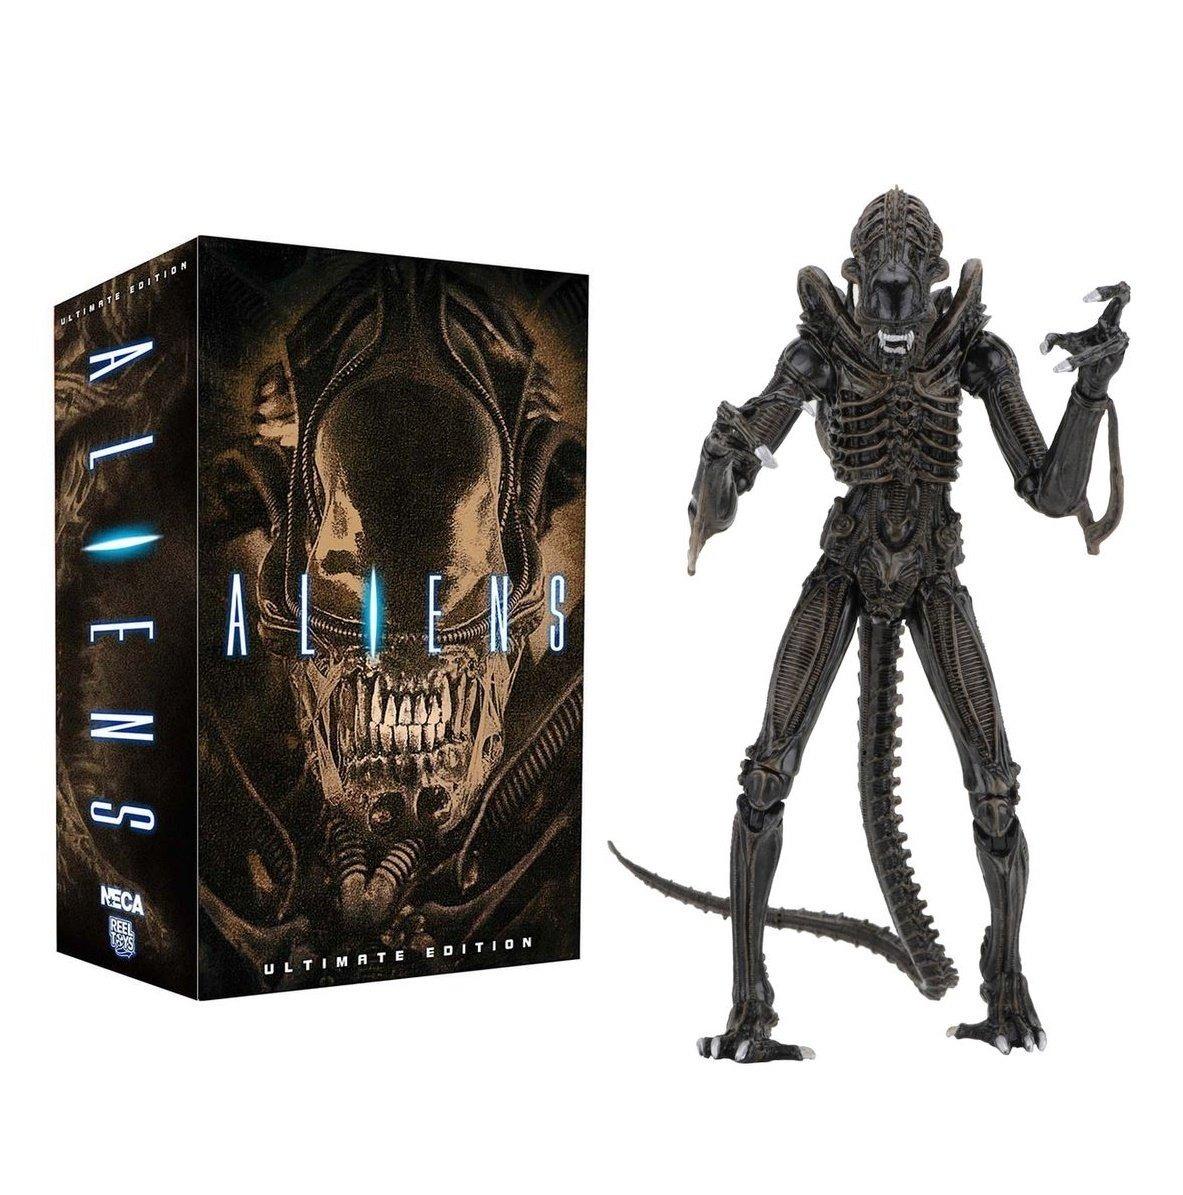 ULTIMATE ALIEN WARRIOR Action Figure NECA New Brown Version 2019 Aliens